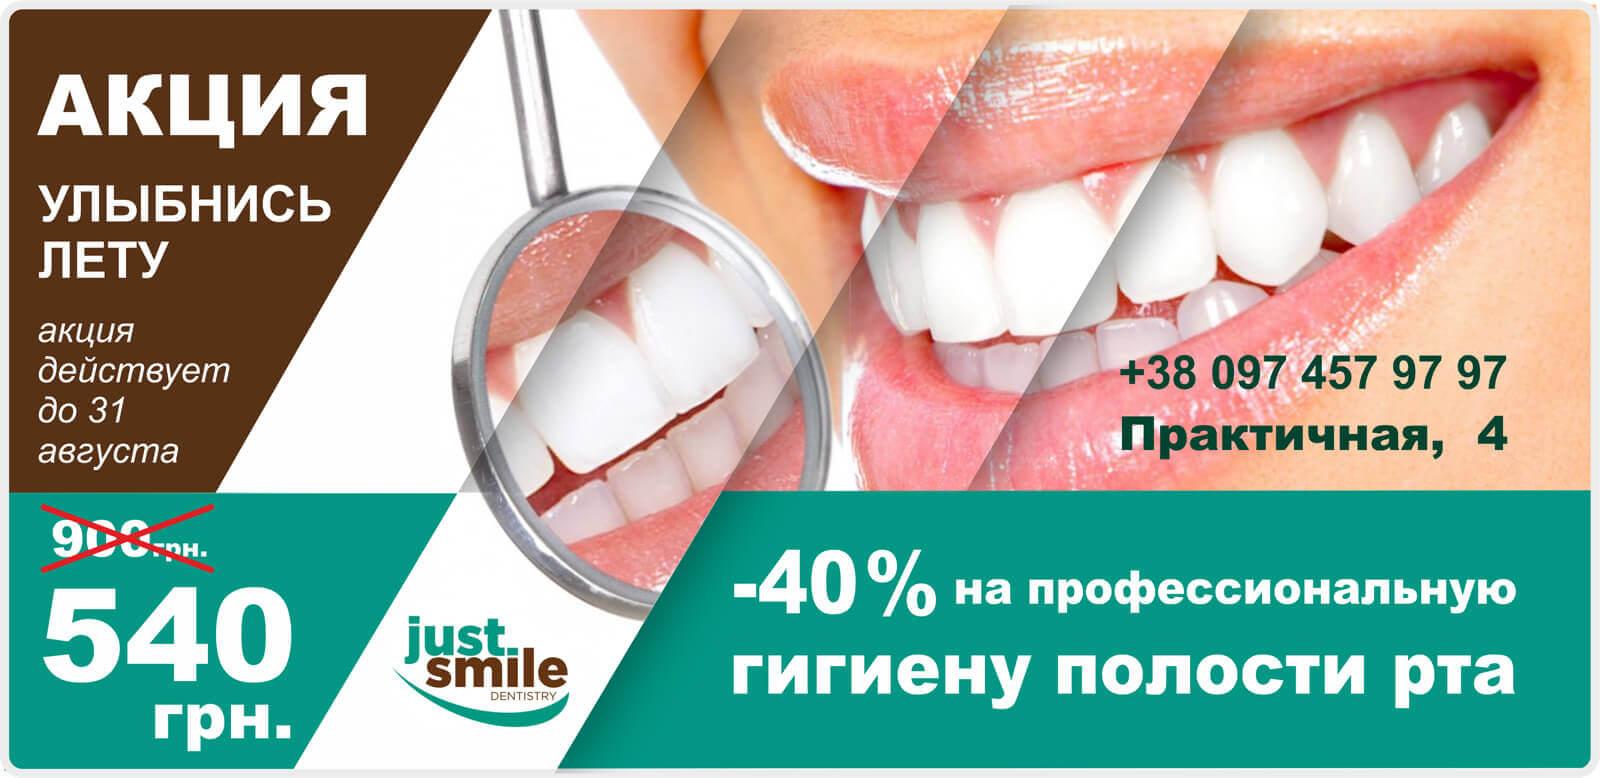 news_stomatologiya